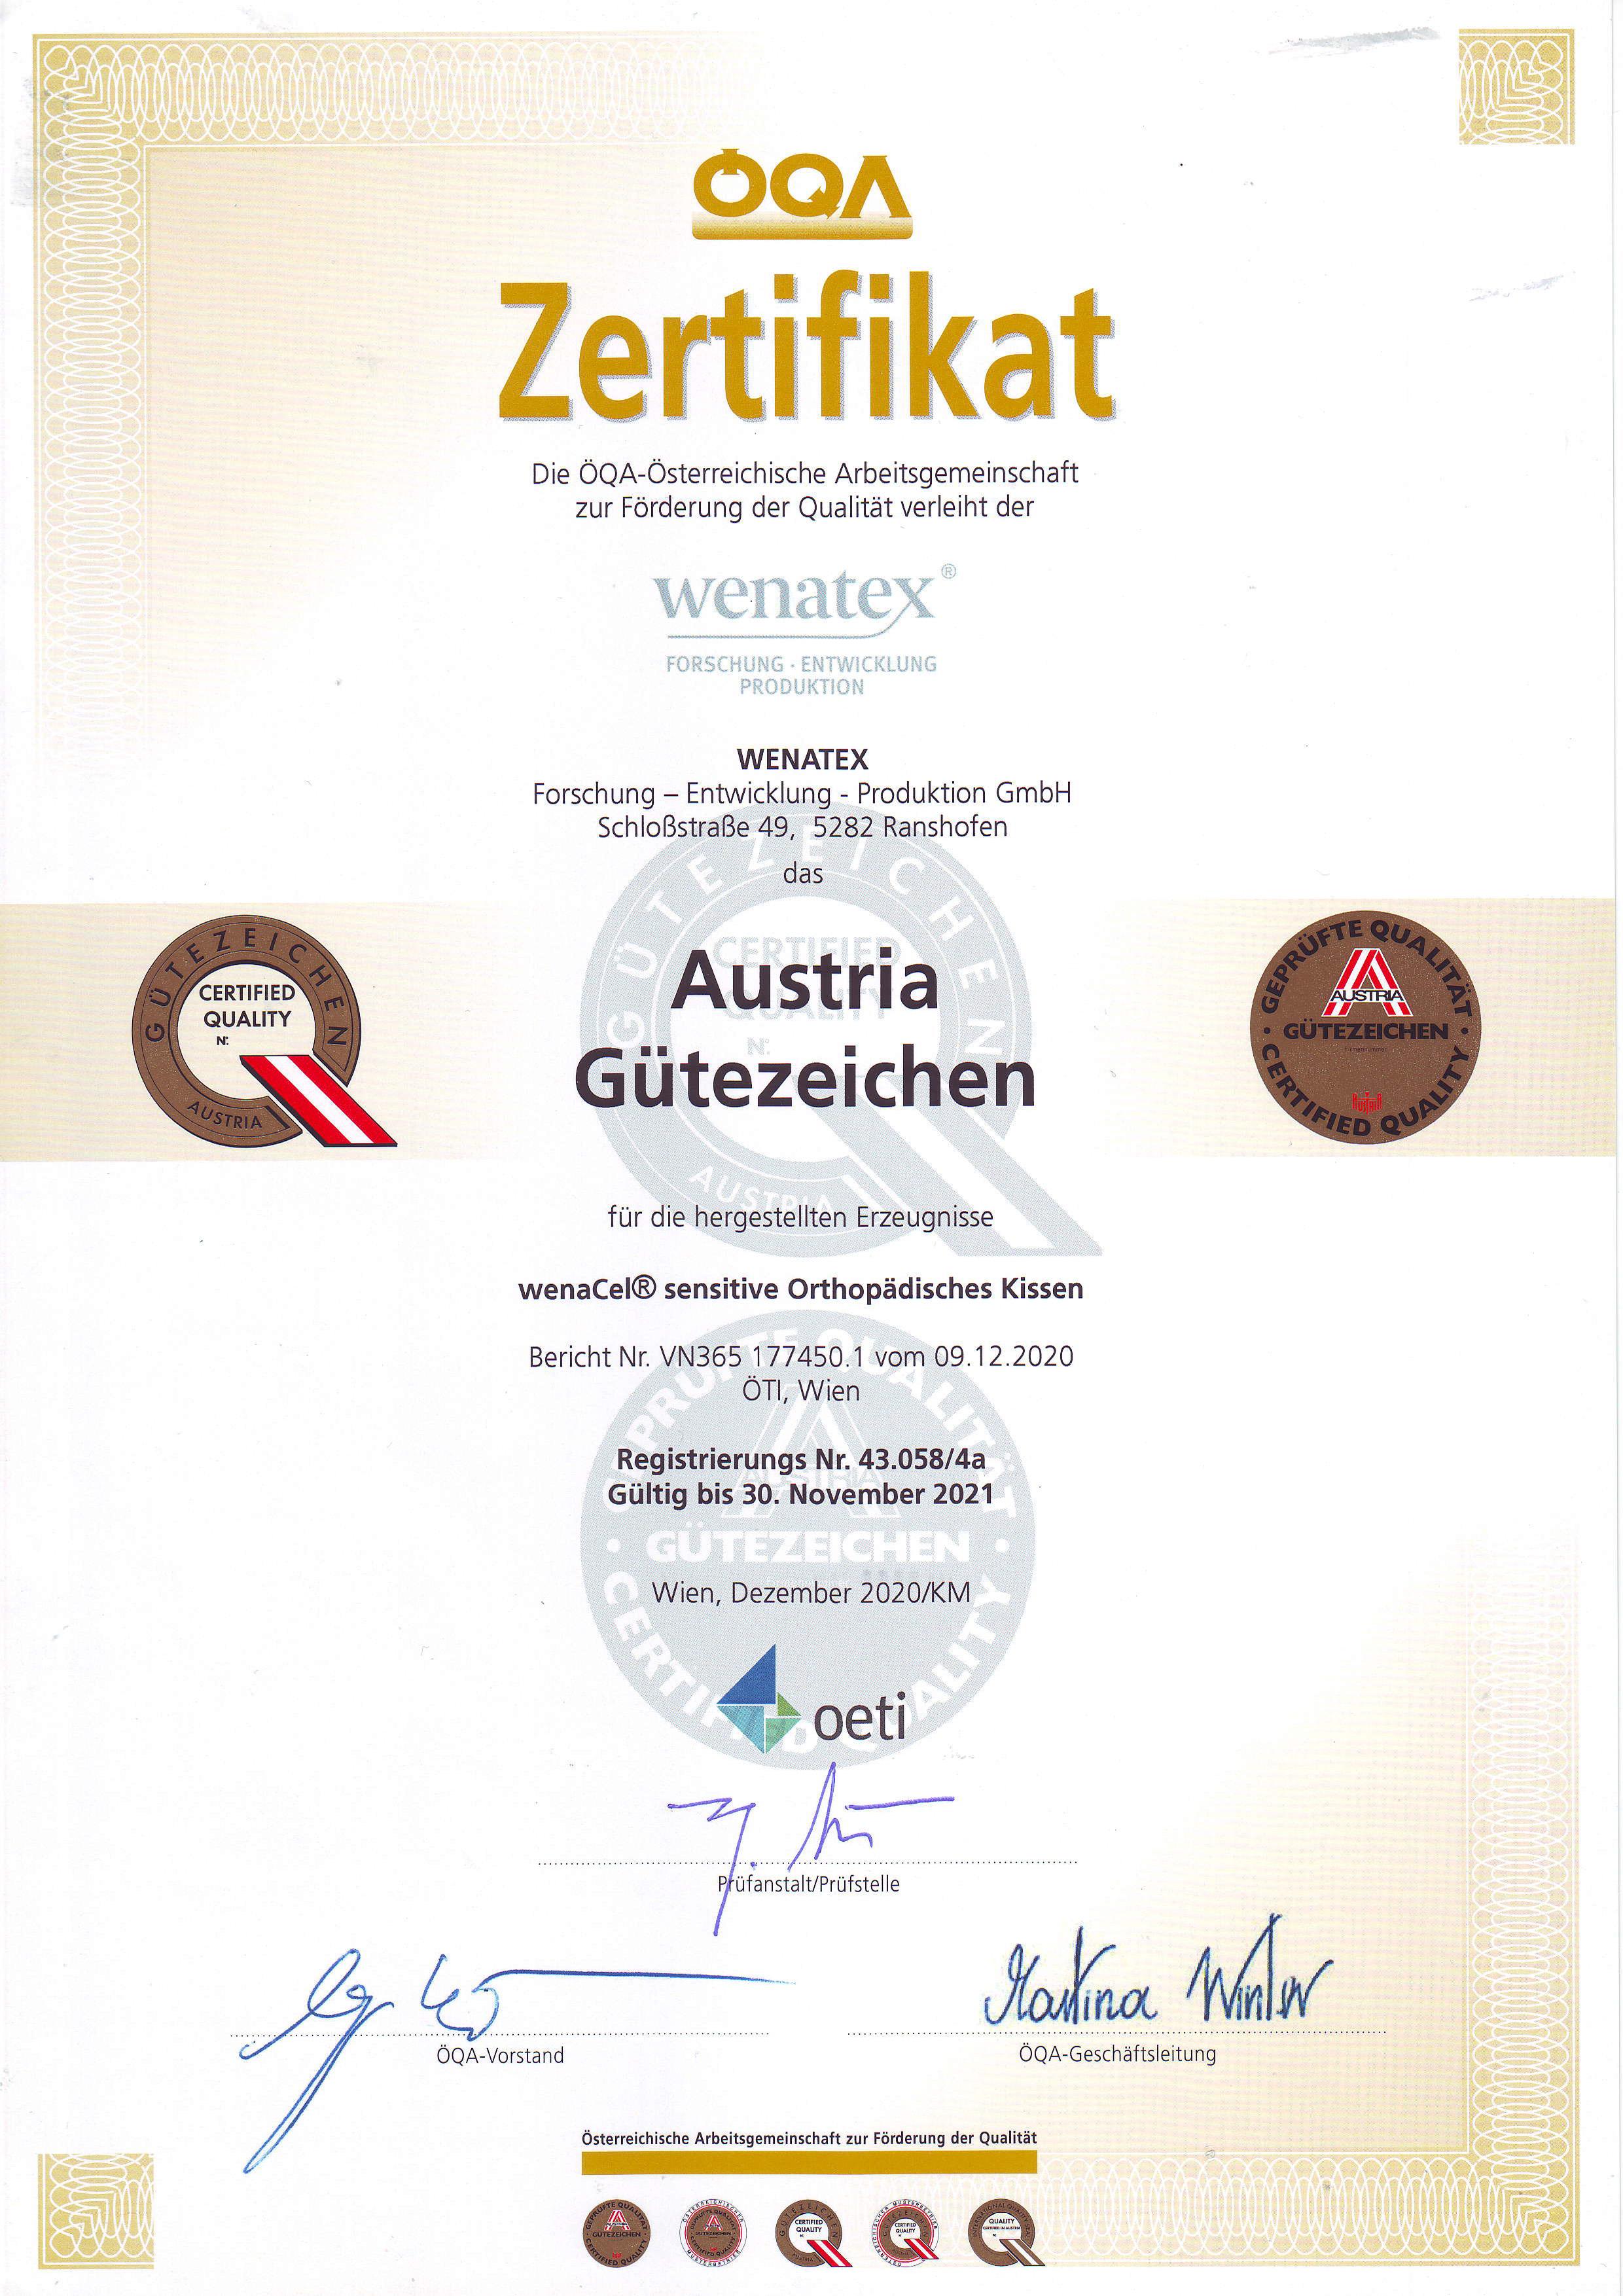 wenatex Zertifikat Austria Gütezeichen der ÖQA für das wenaCel sensitive Orthopädische Kissen